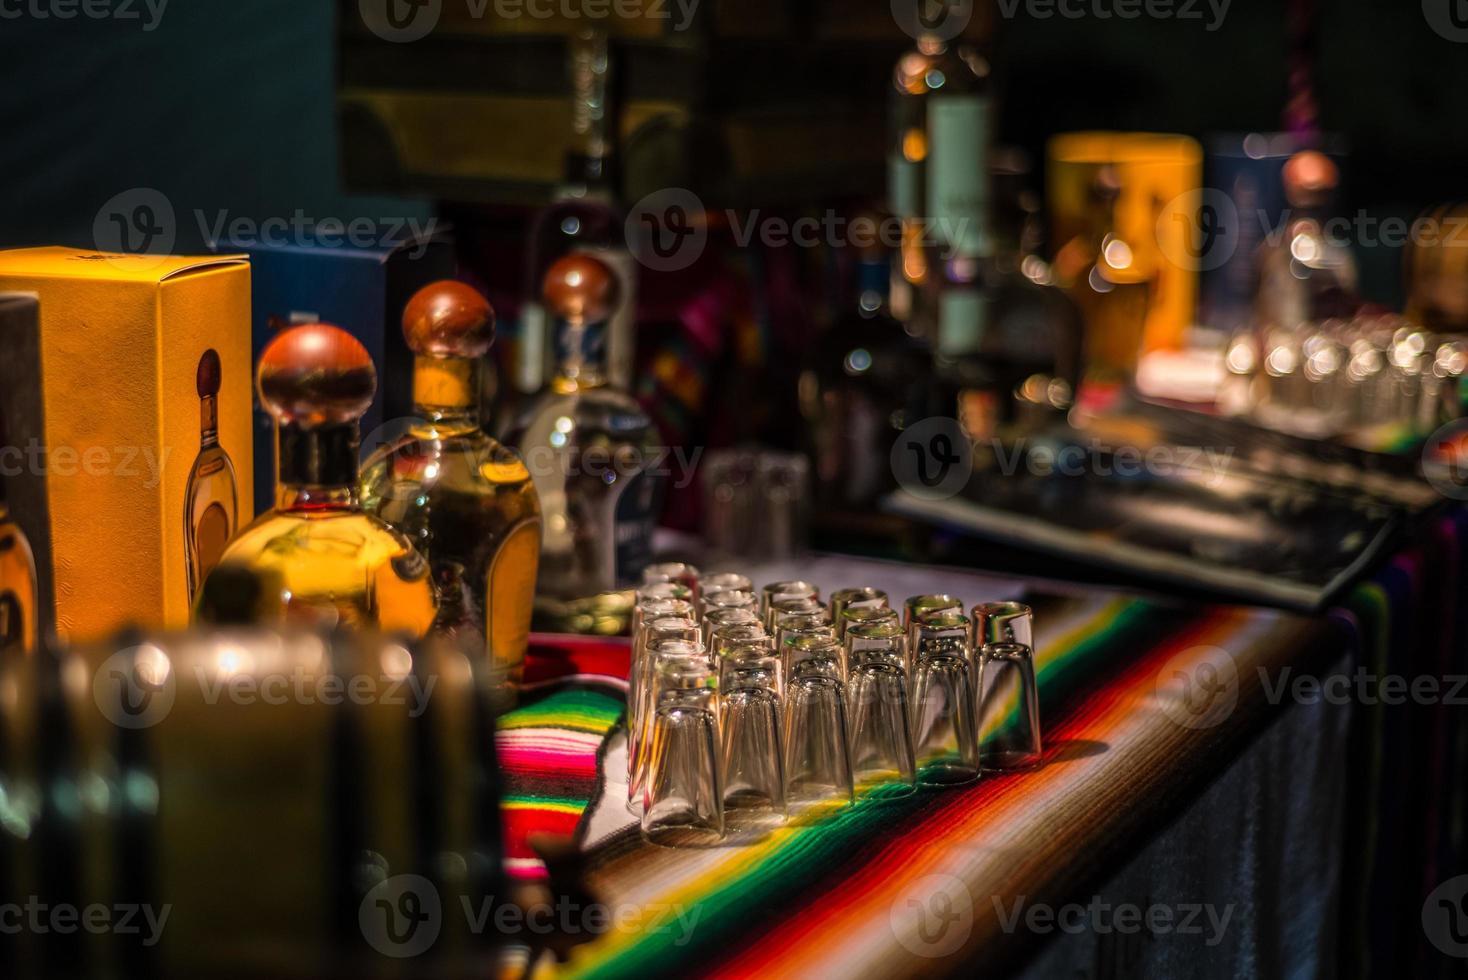 evento de tequila no México. degustação de mezcal e tequila. foto